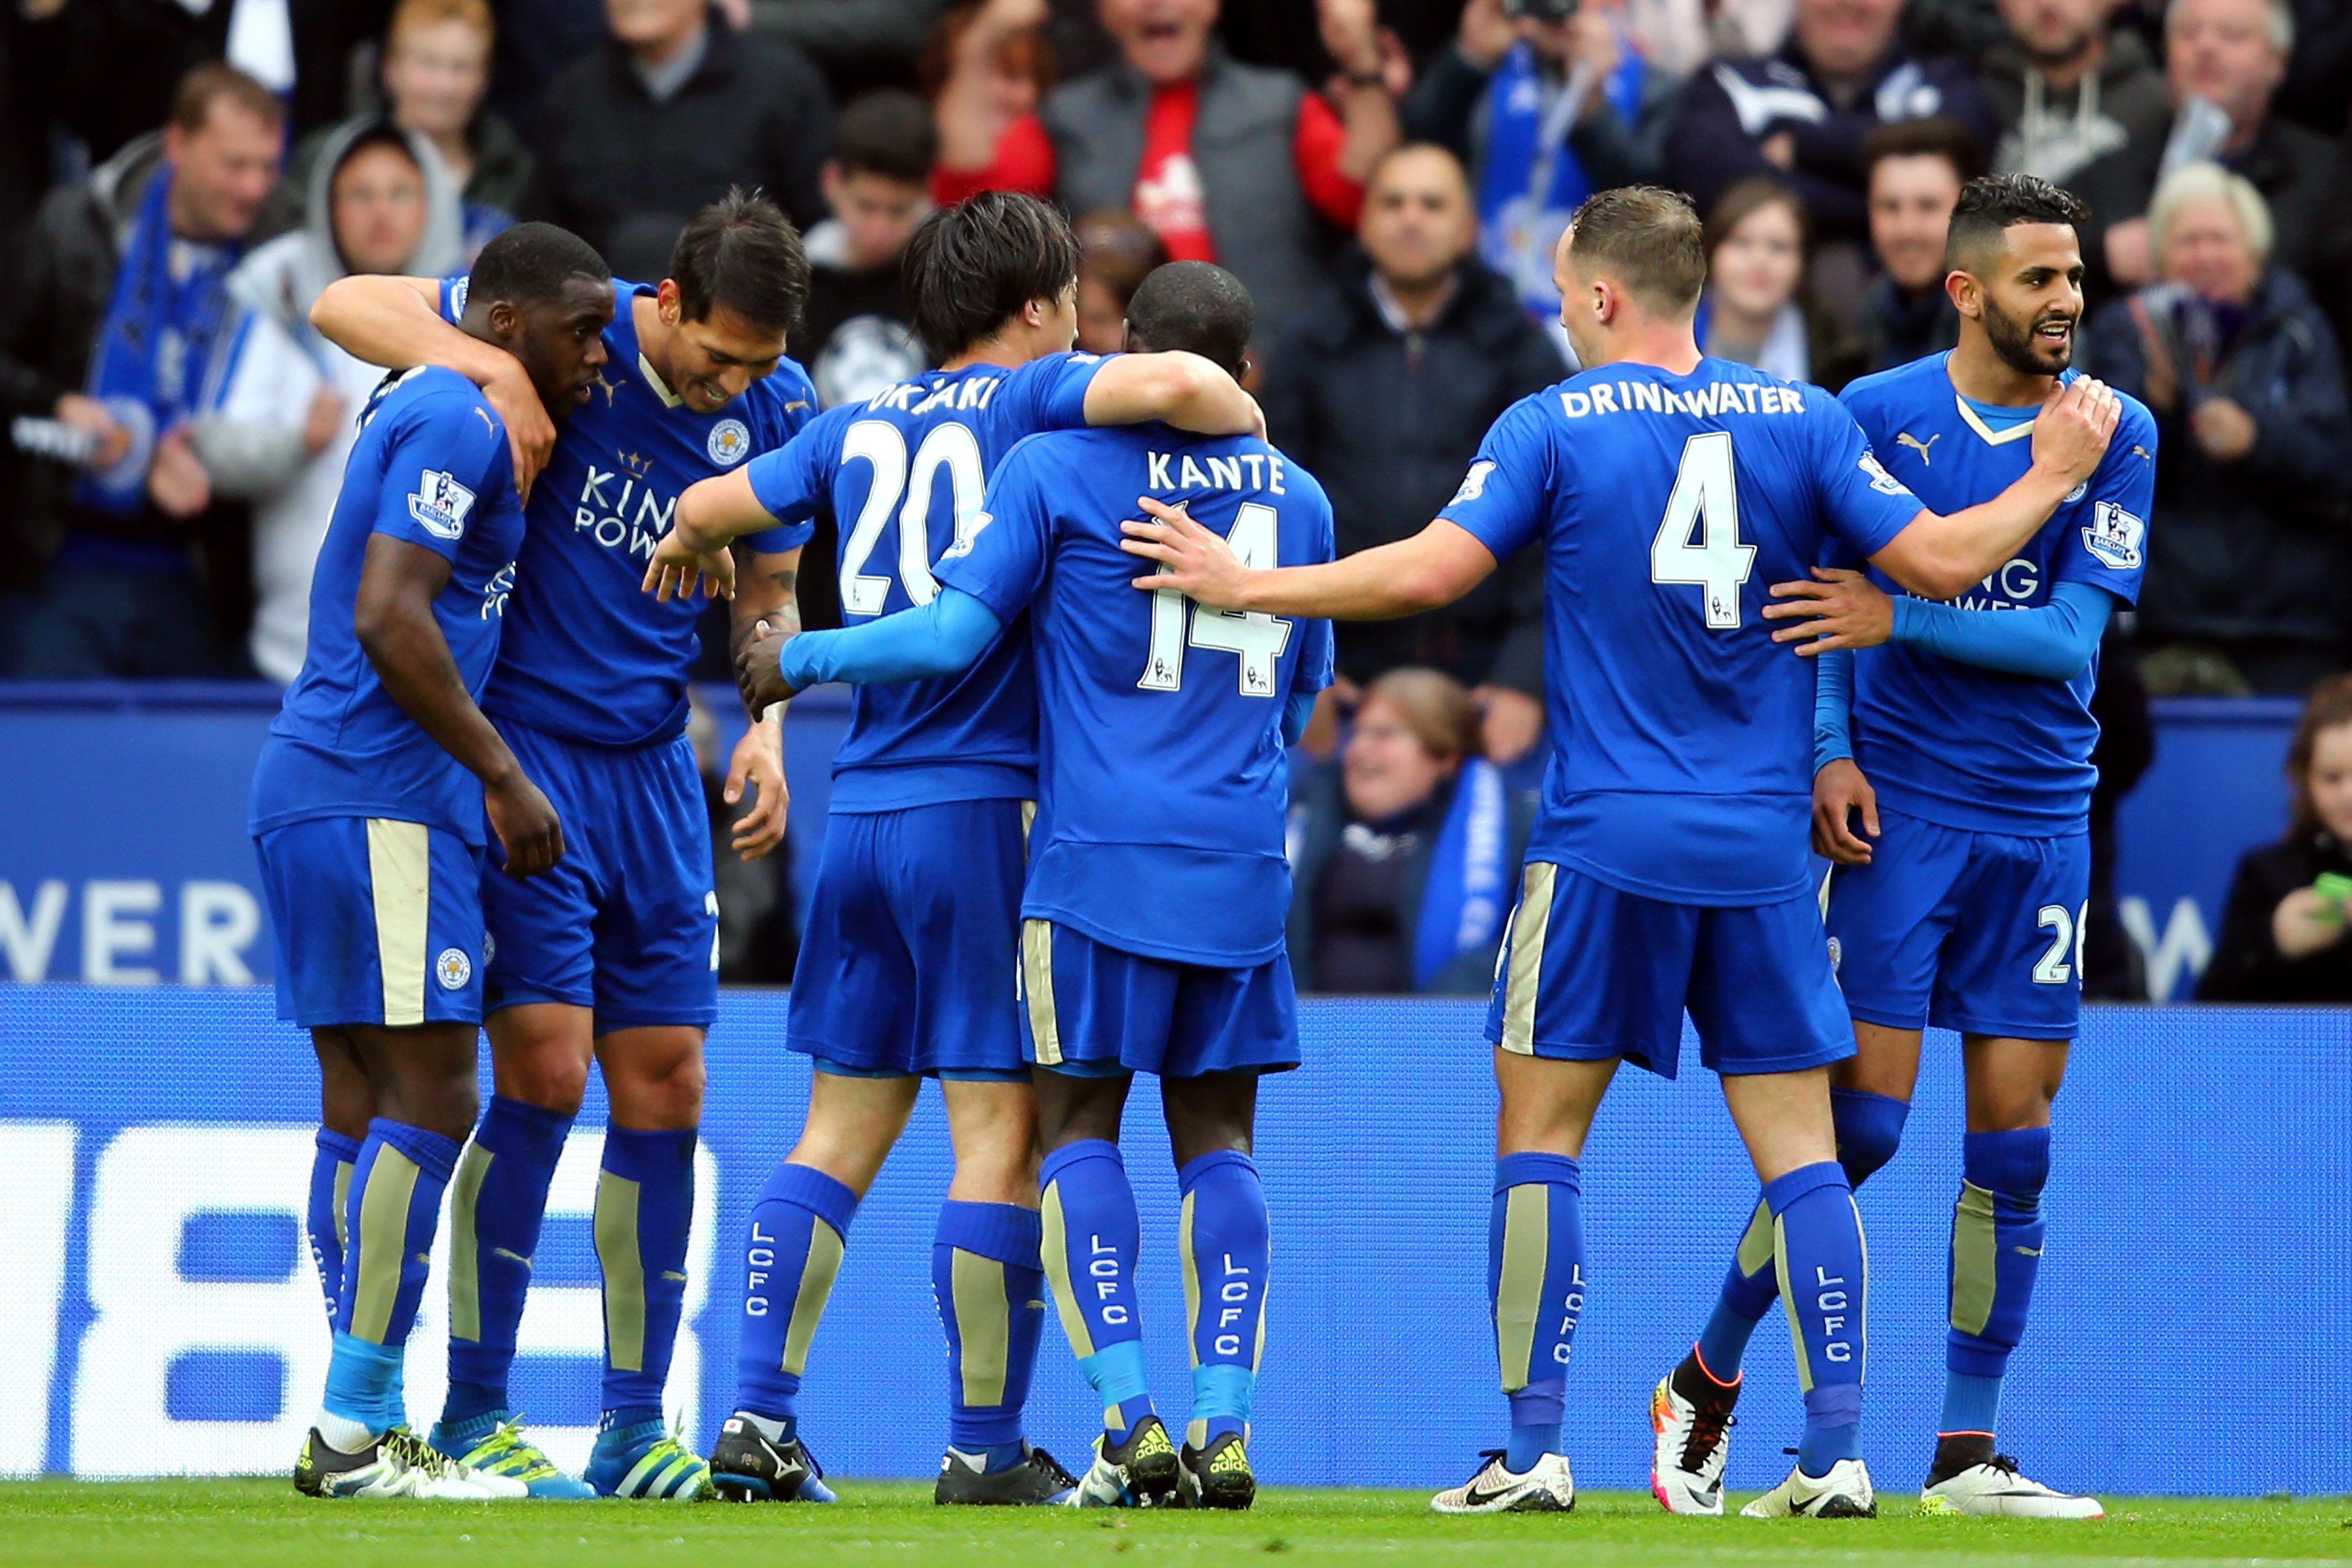 Con dos de Ulloa, Leicester goleó y se encamina a hacer historia